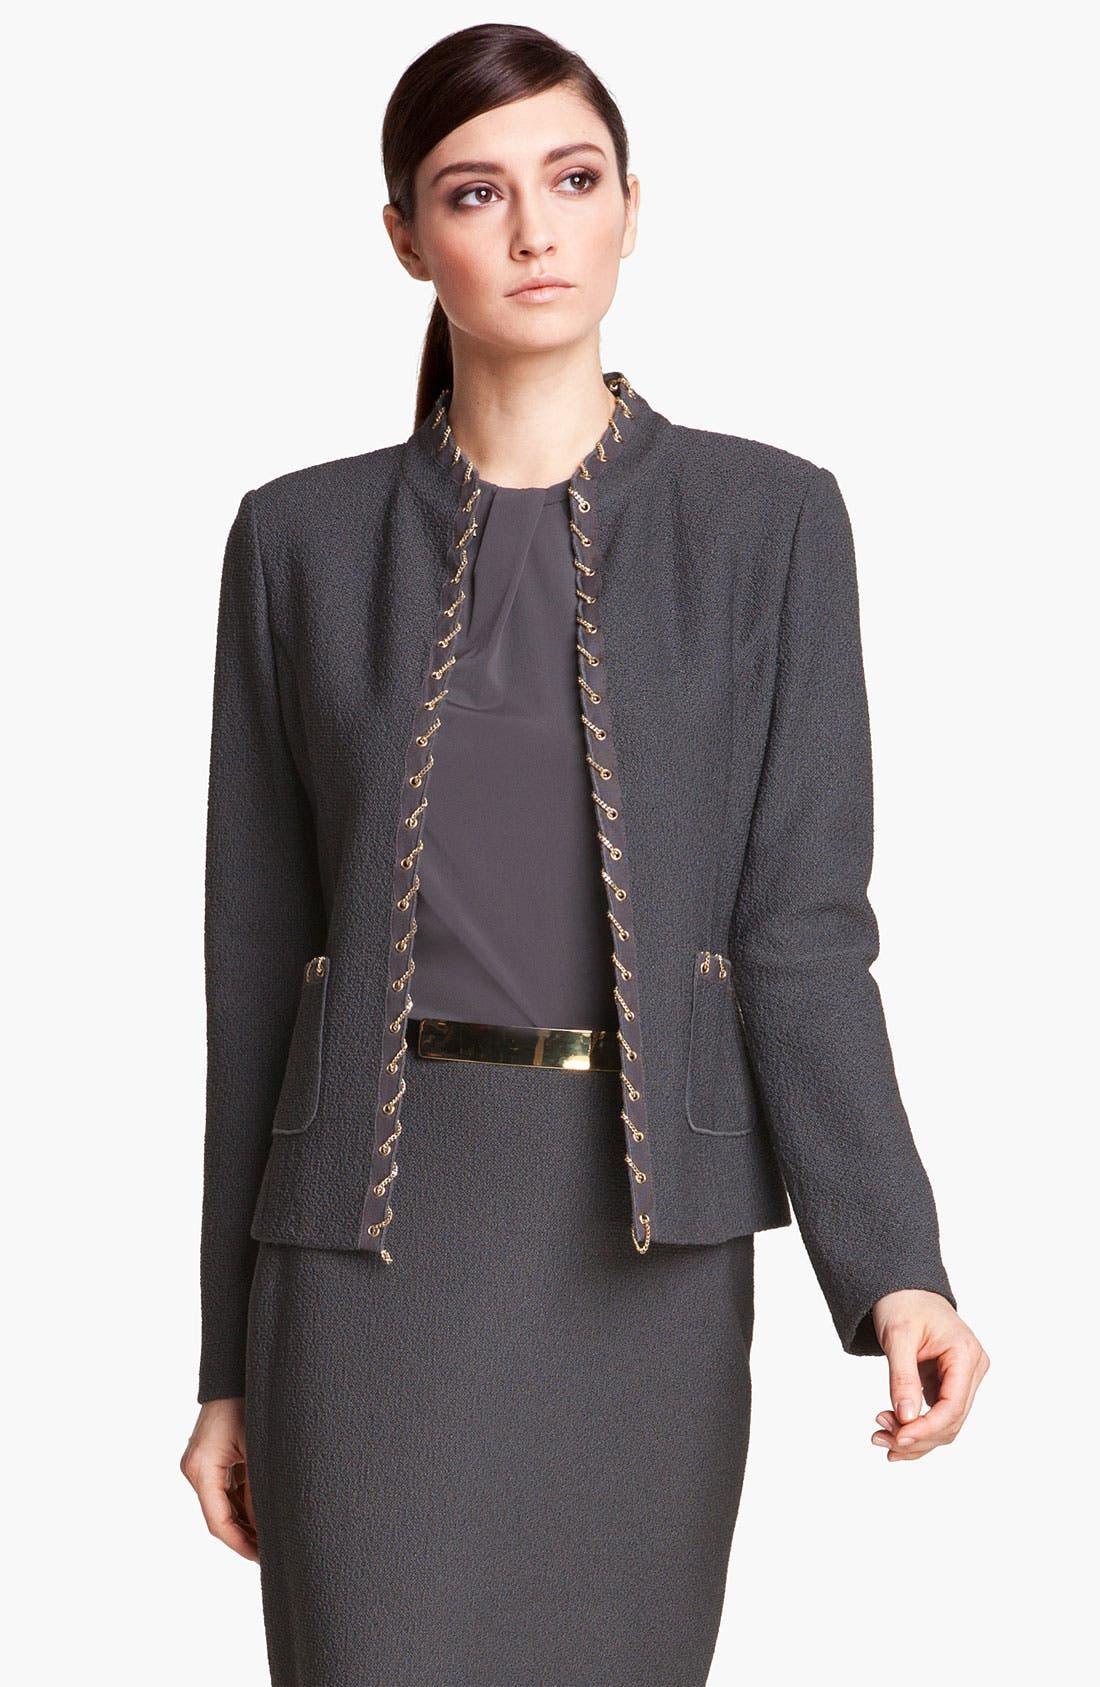 Main Image - St. John Collection Chain Trim Bouclé Jacket